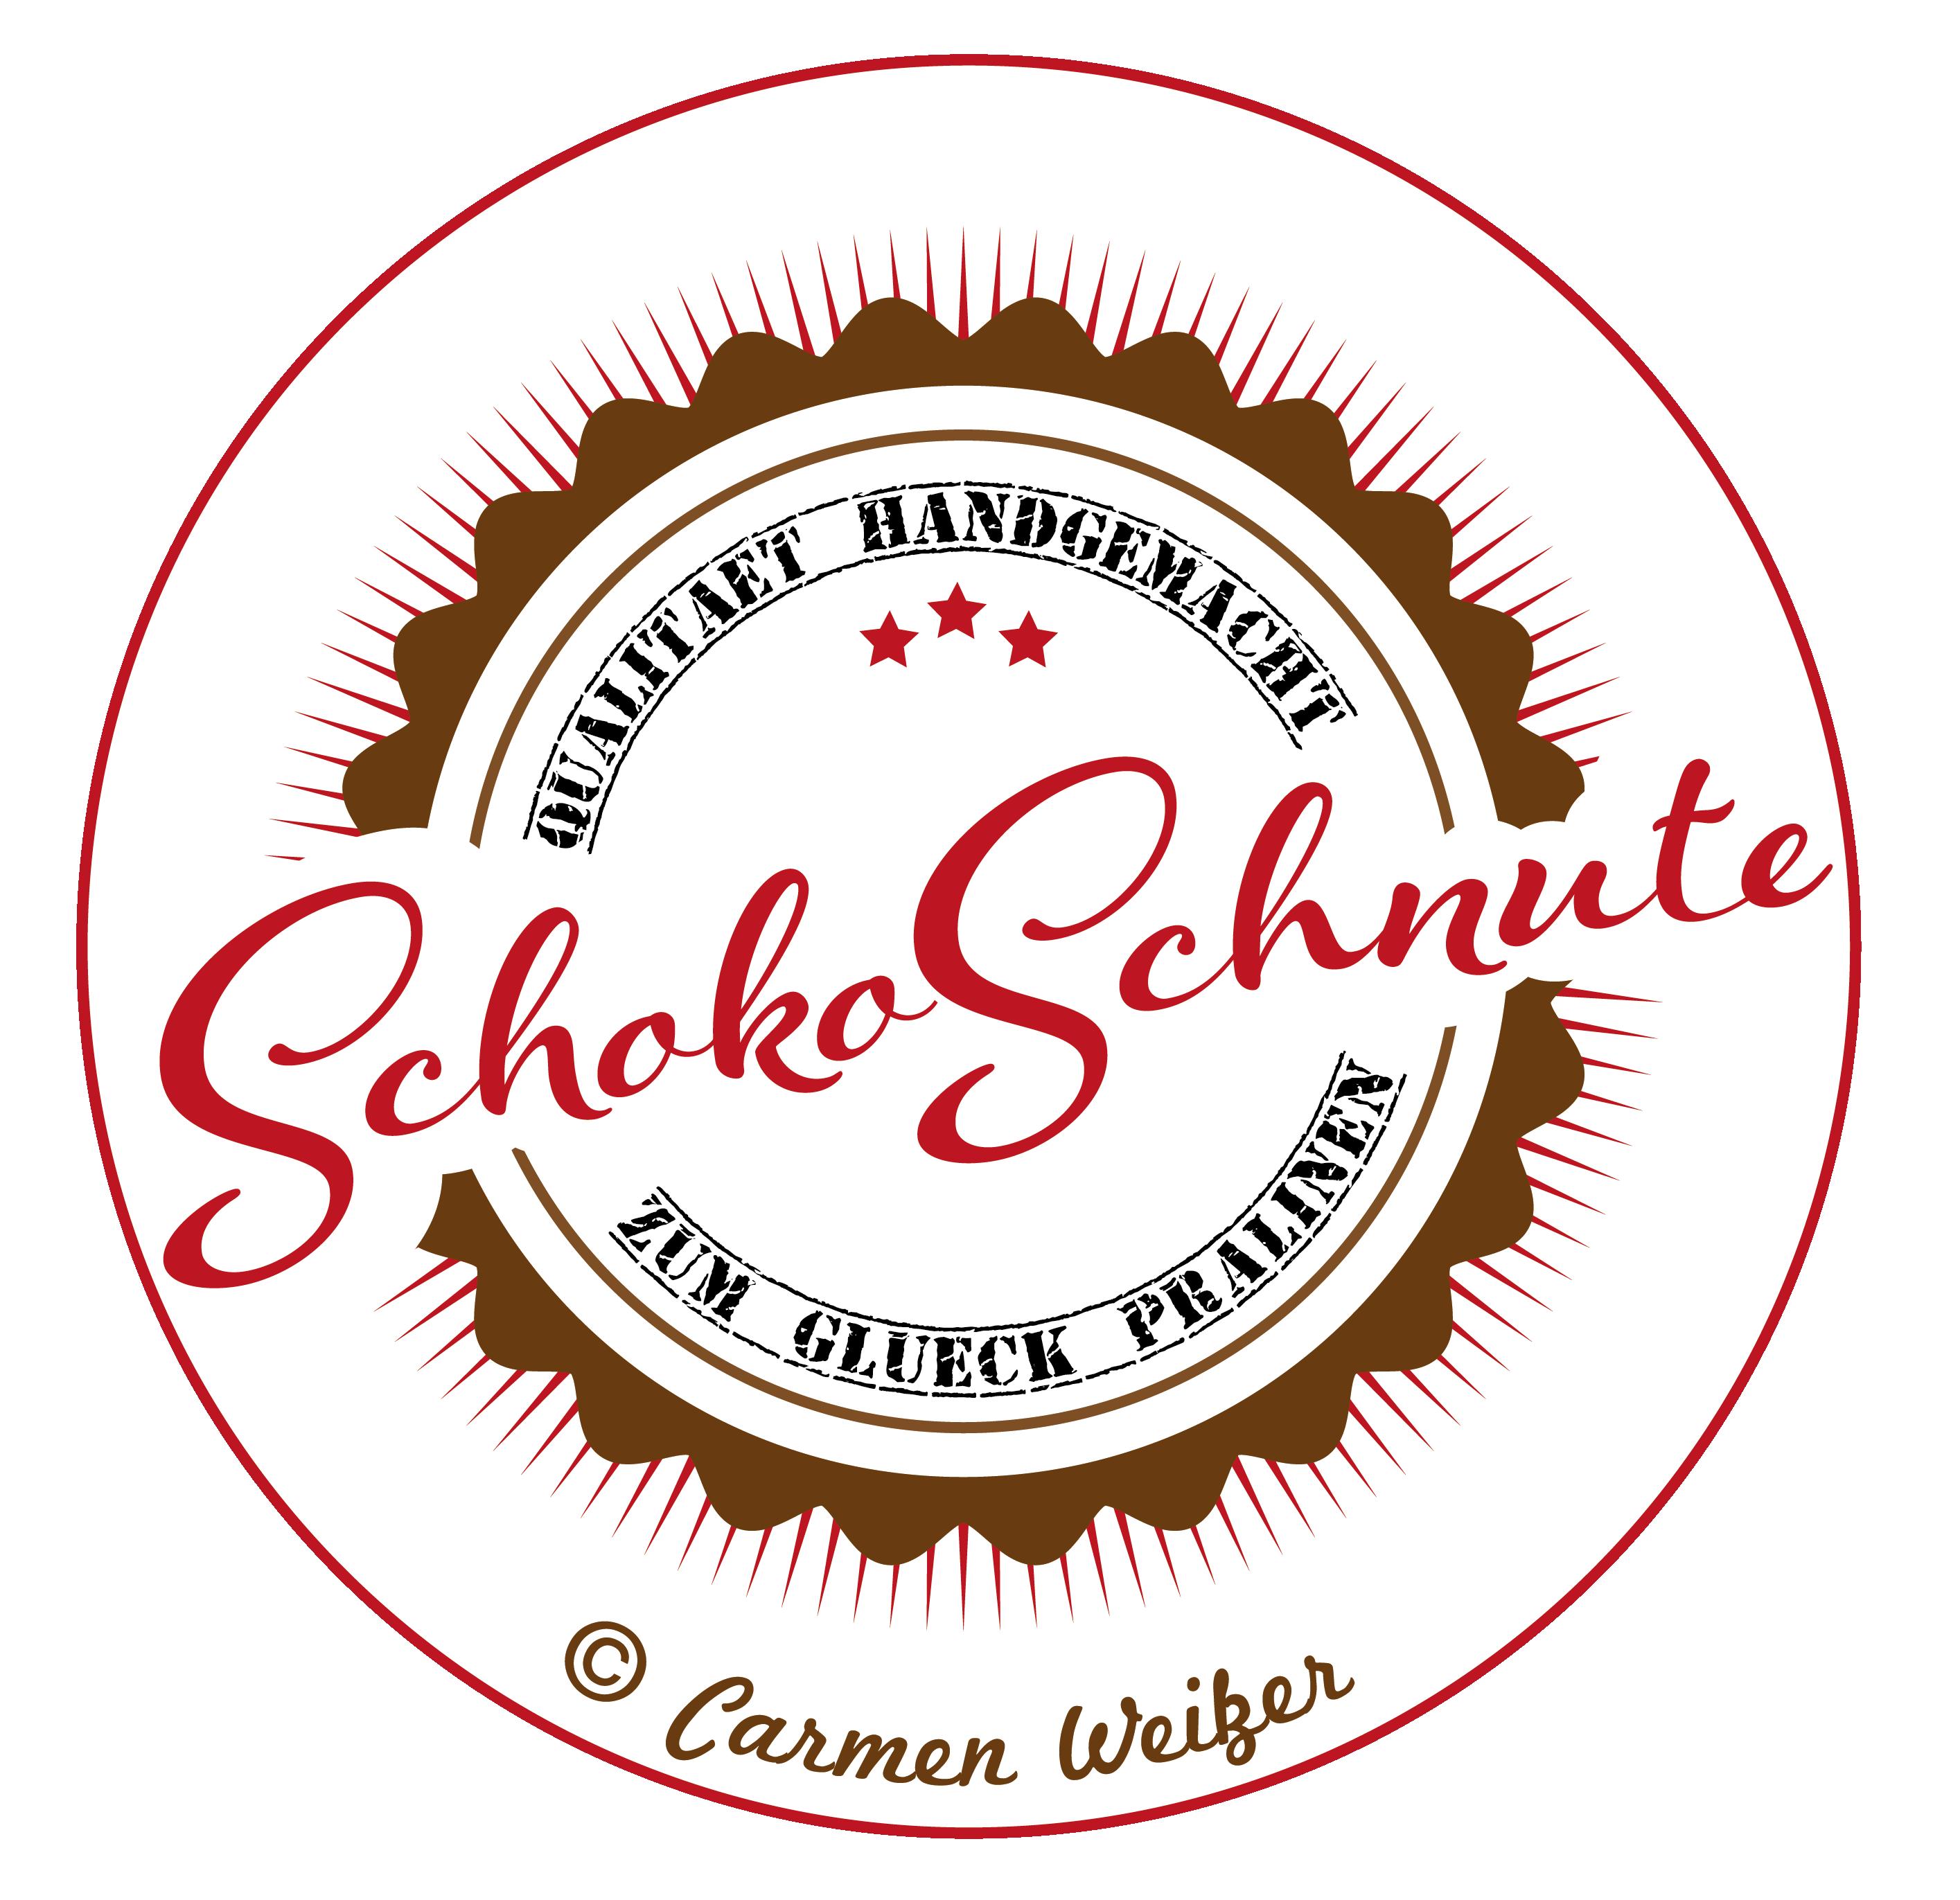 Schokoschnute Carmen Weißer